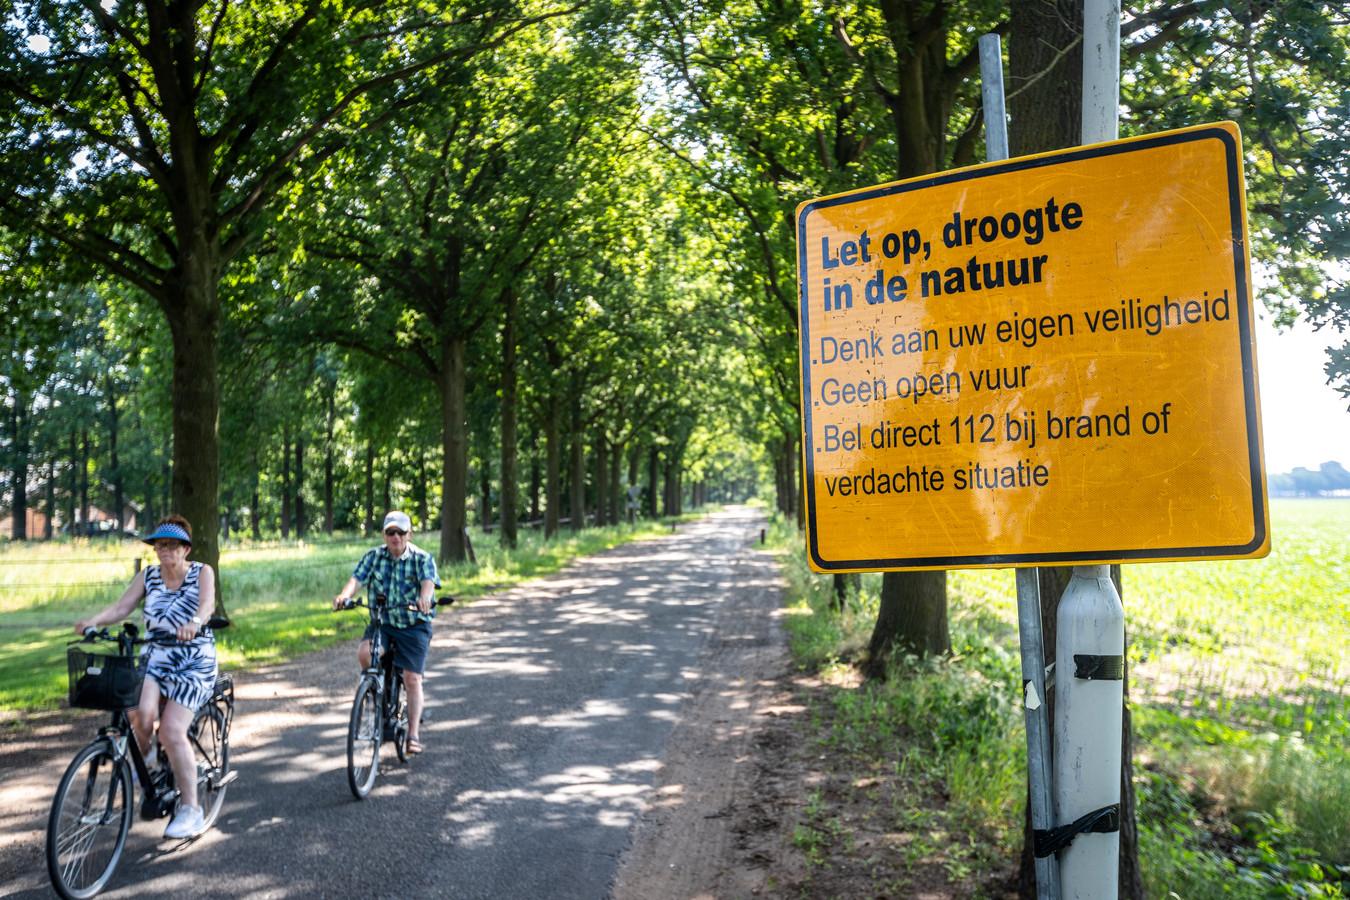 Om bezoekers bewust te maken van het brandgevaar staan er waarschuwingsborden langs de weg net buiten Deurne.